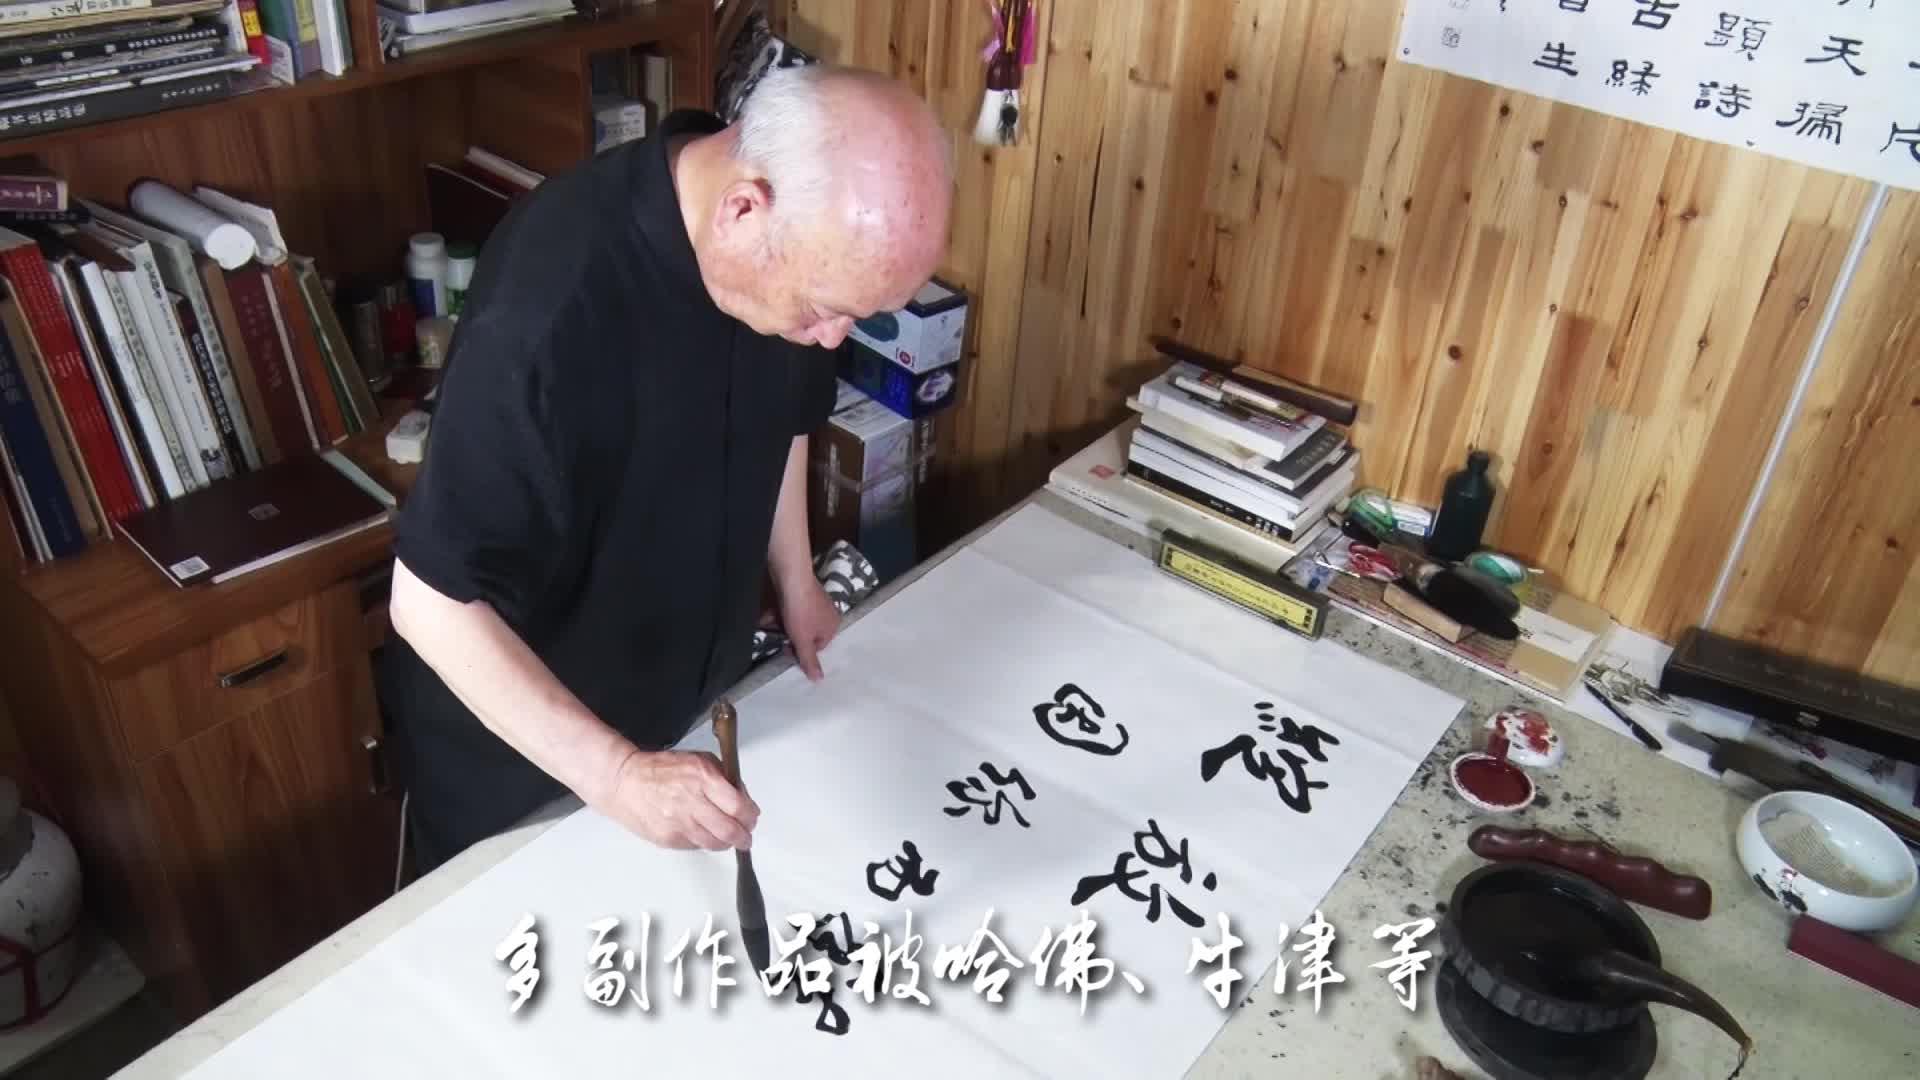 绽放:大气磅礴壮书坛  梅月堂主何伯群 03